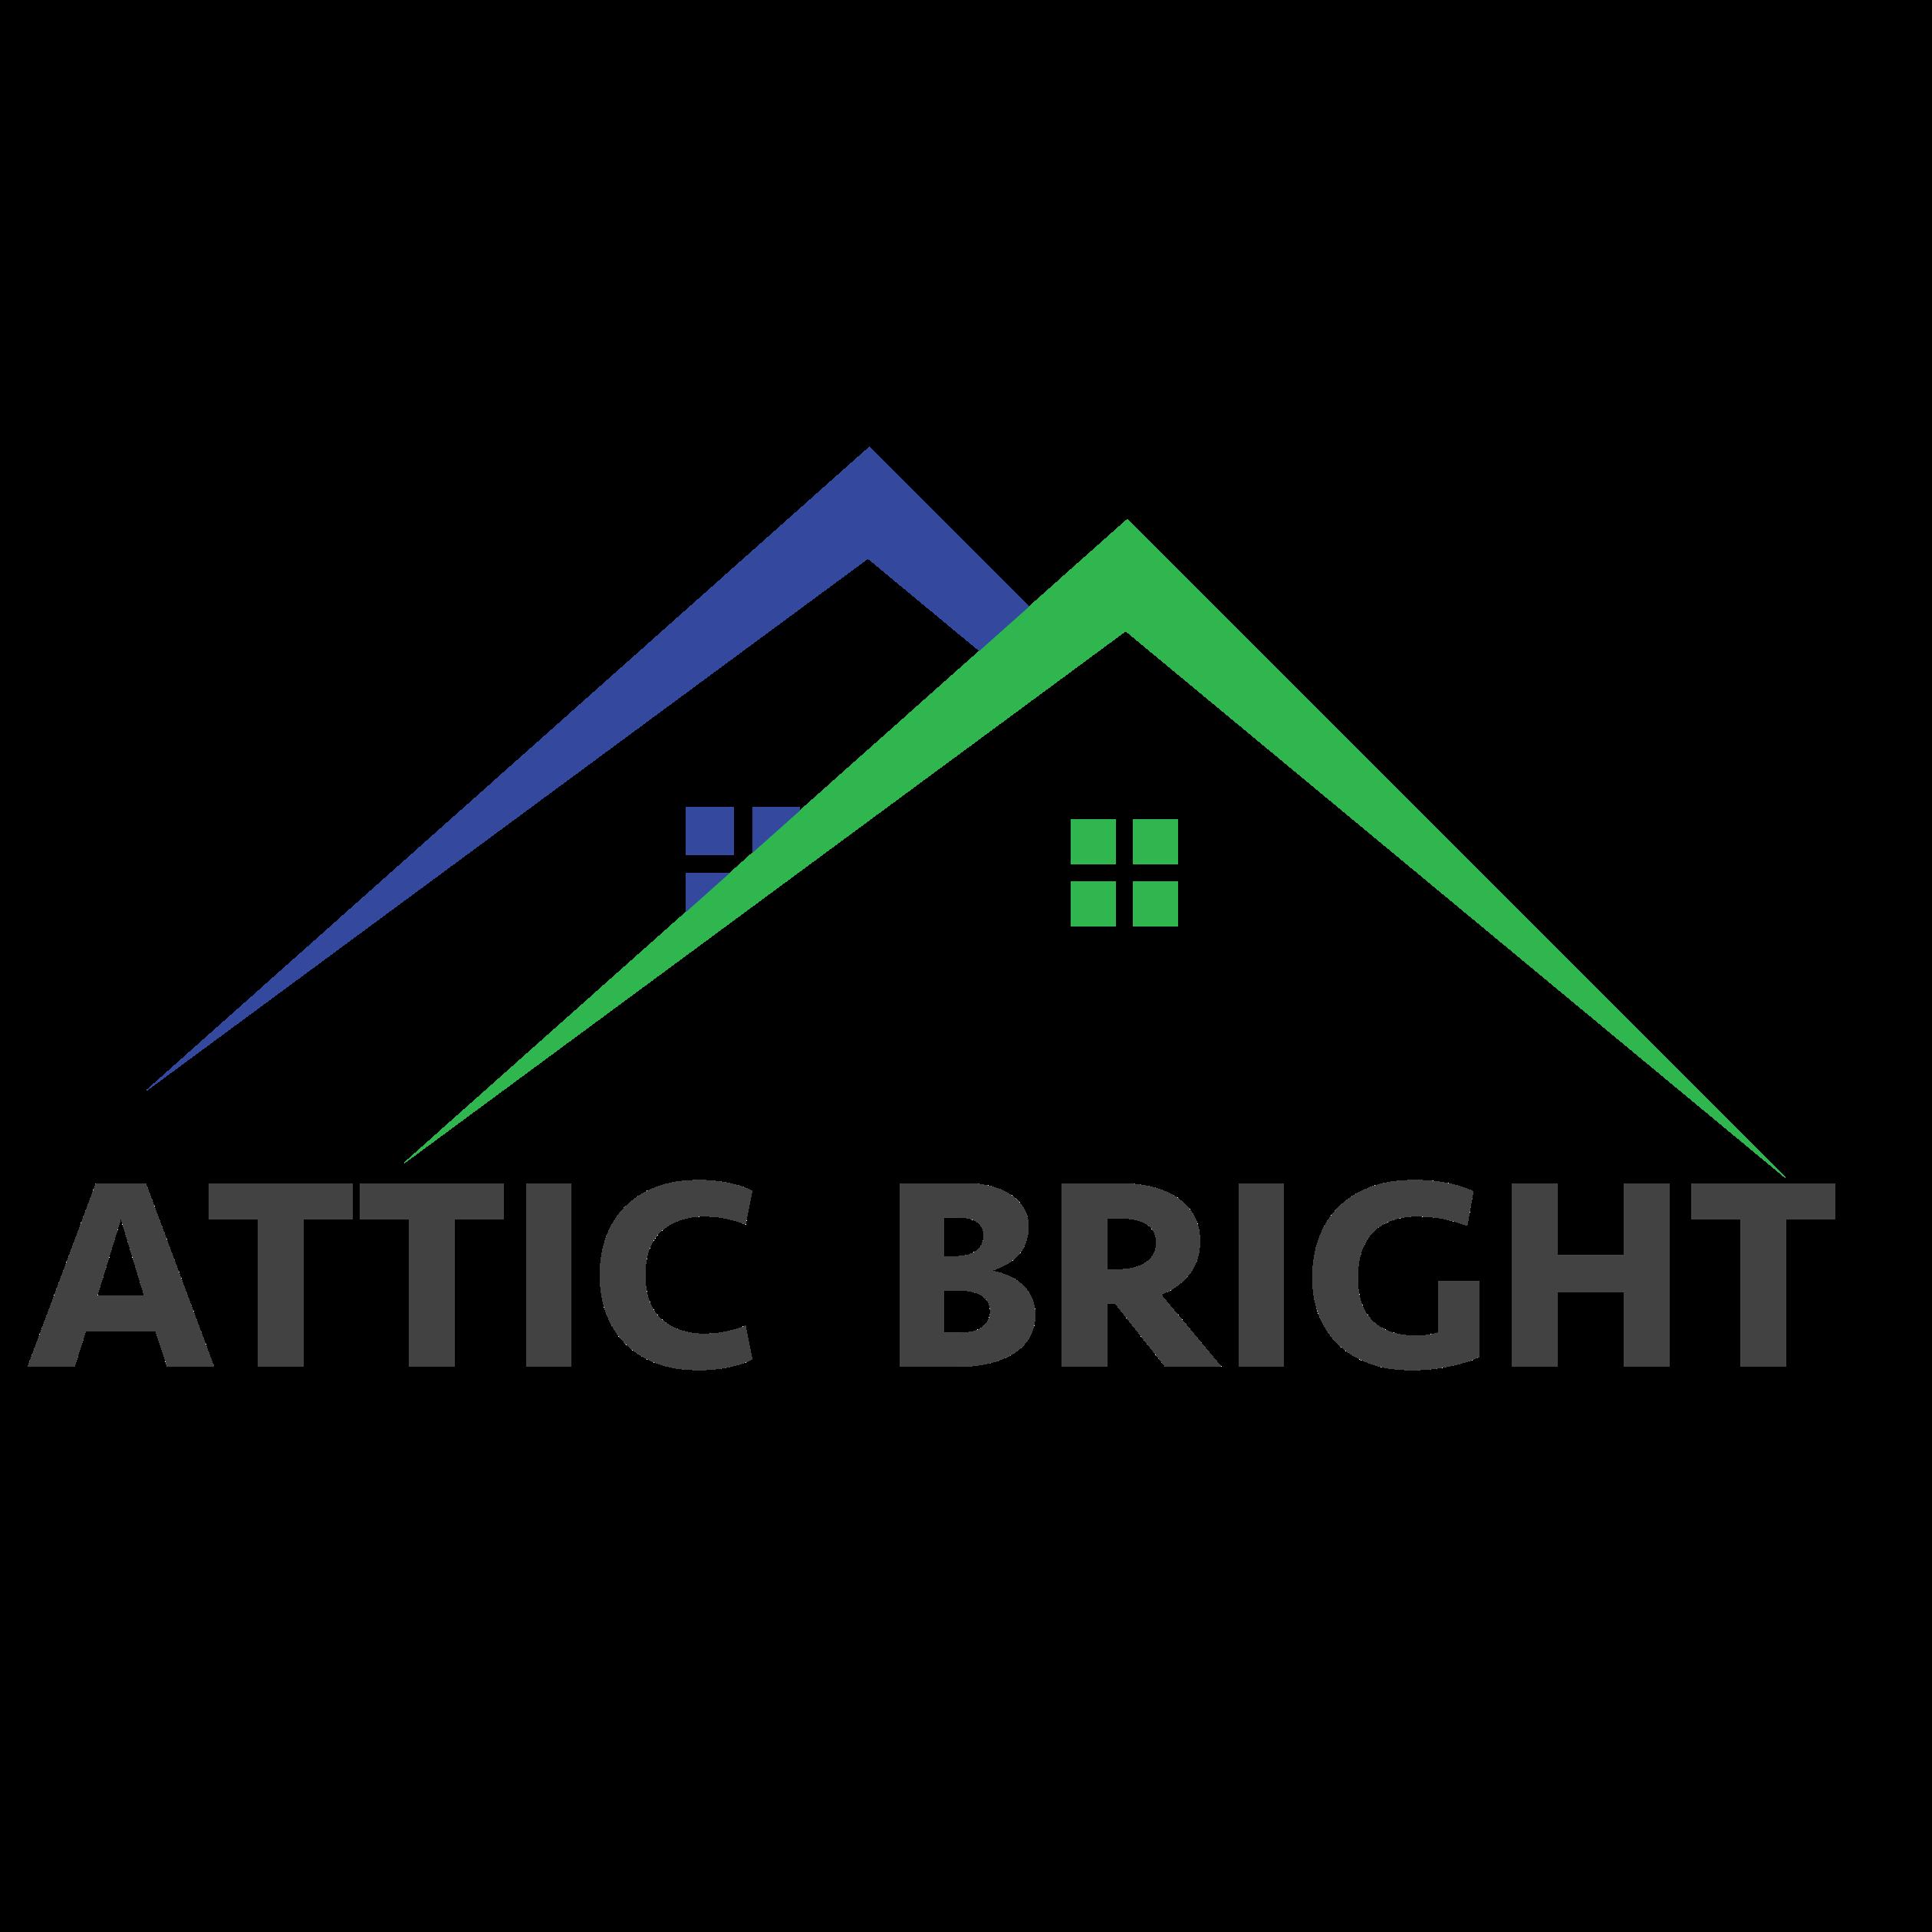 Attic Bright